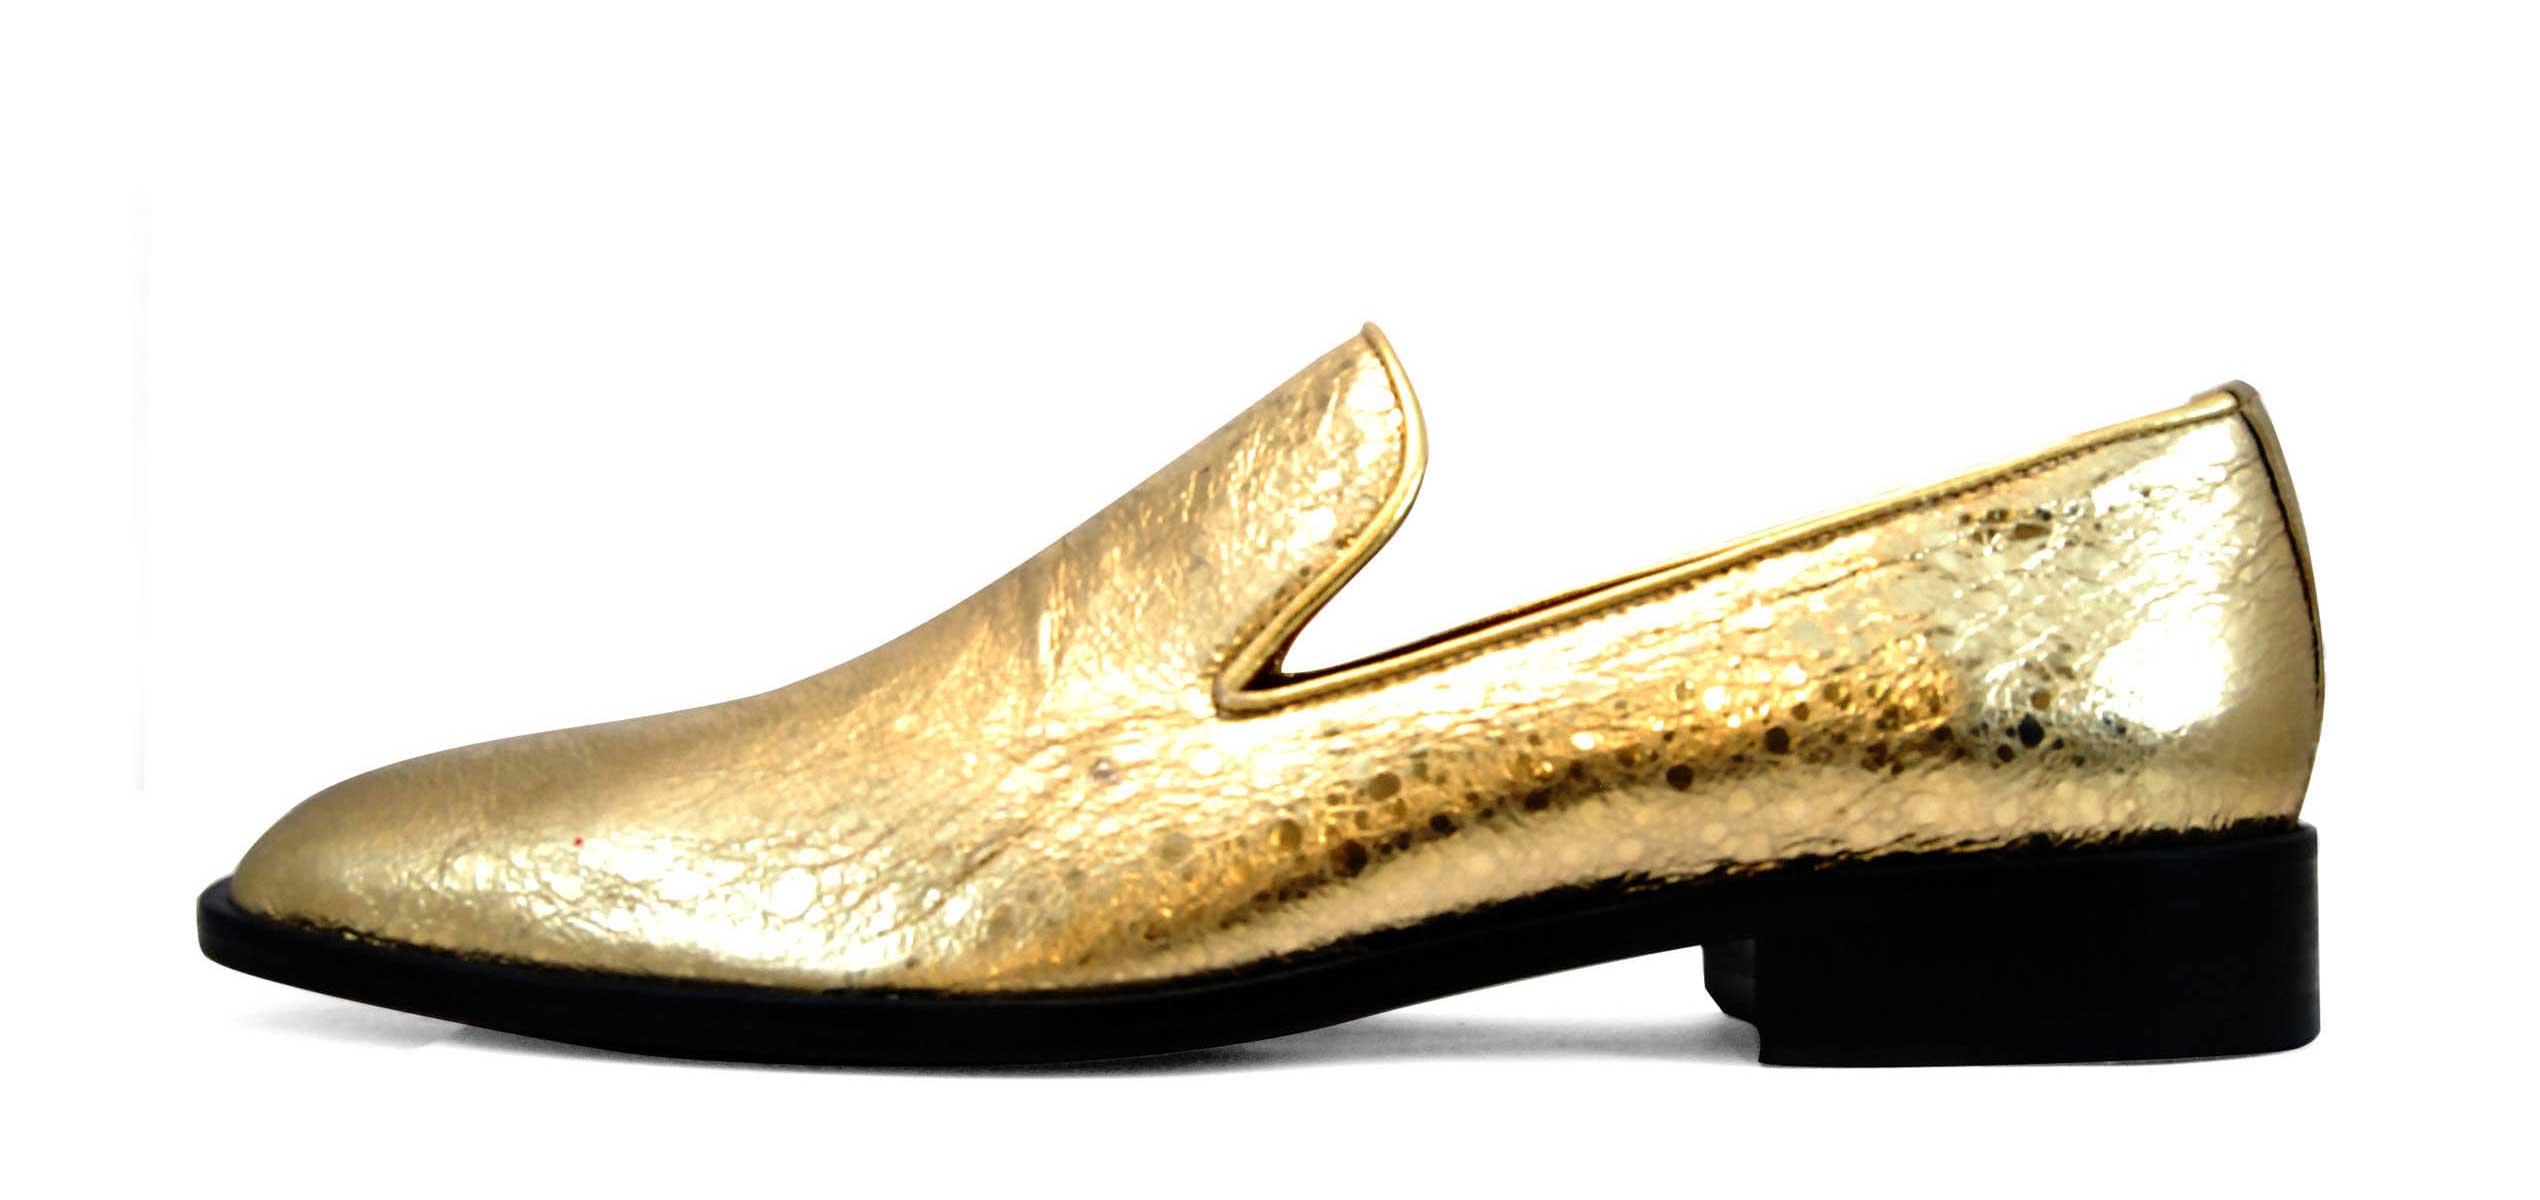 Foto 1 de Zapatos Napa Dorado